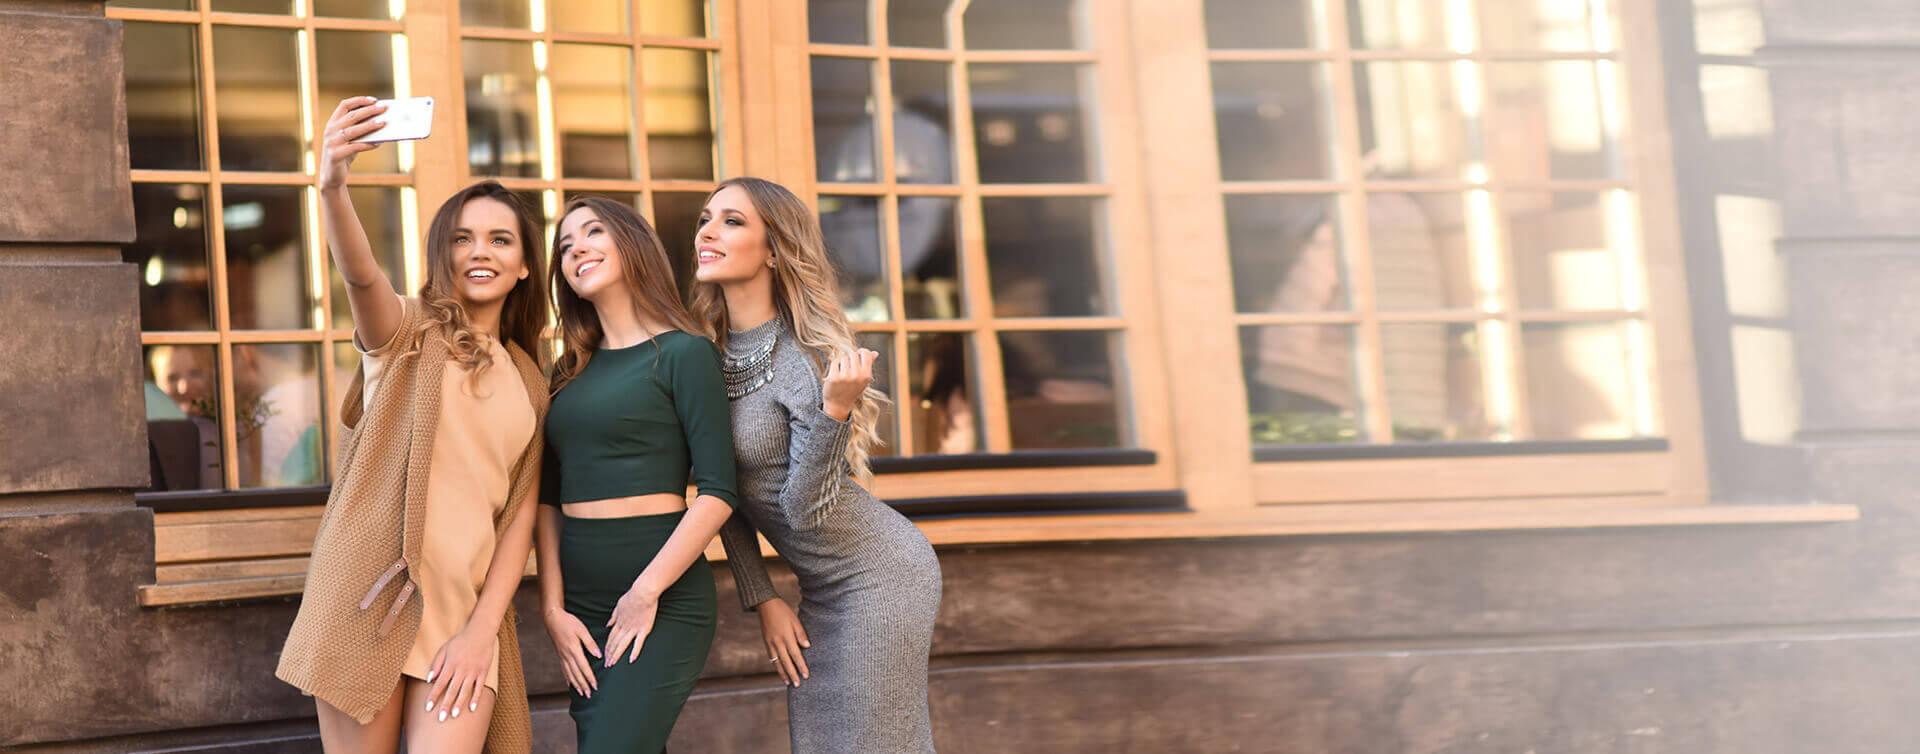 Online Russian and Ukraine Women - Elena's Models